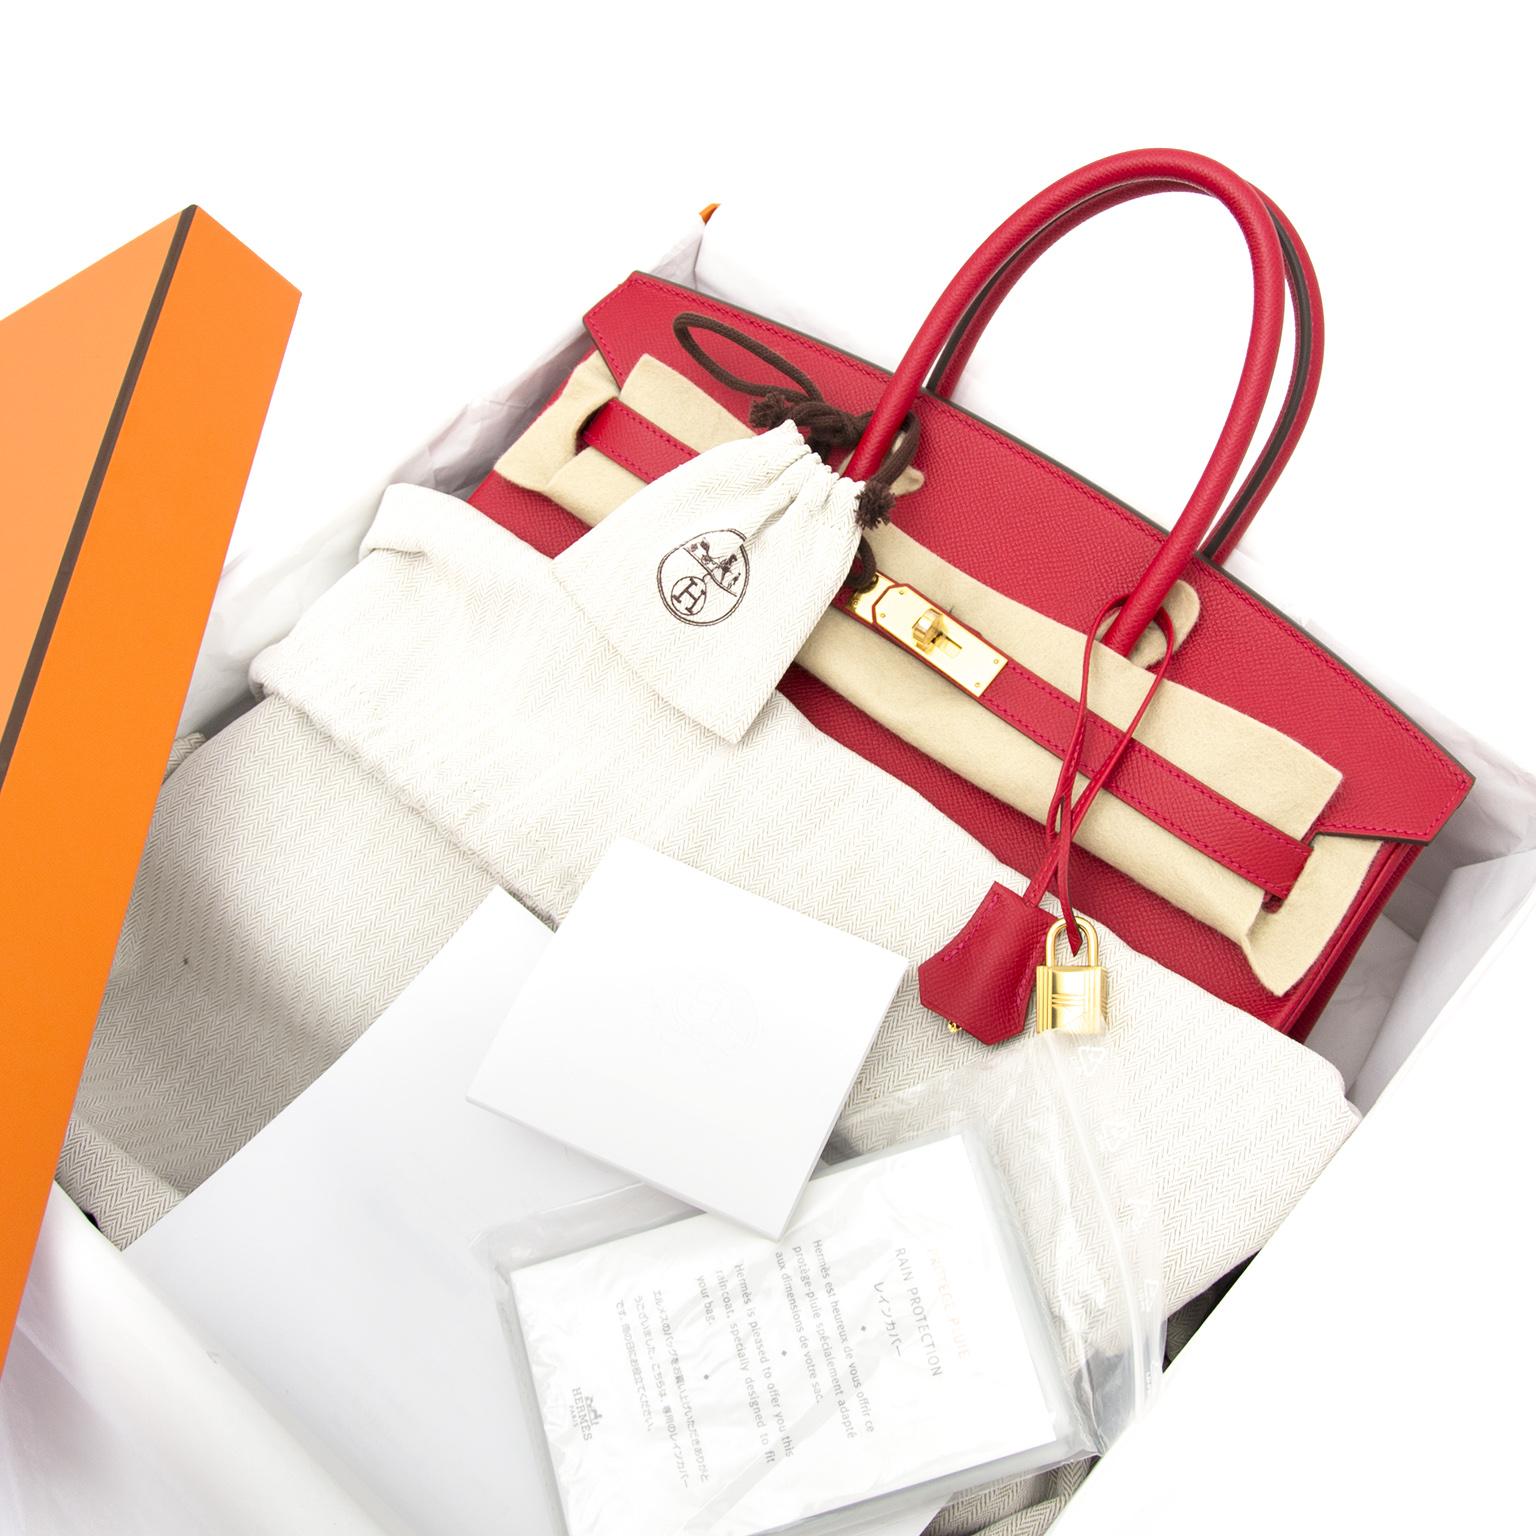 Hermès Birkin 35 rouge casaque epsom ghw nu online bij labellov.com zonder wachtlijst.